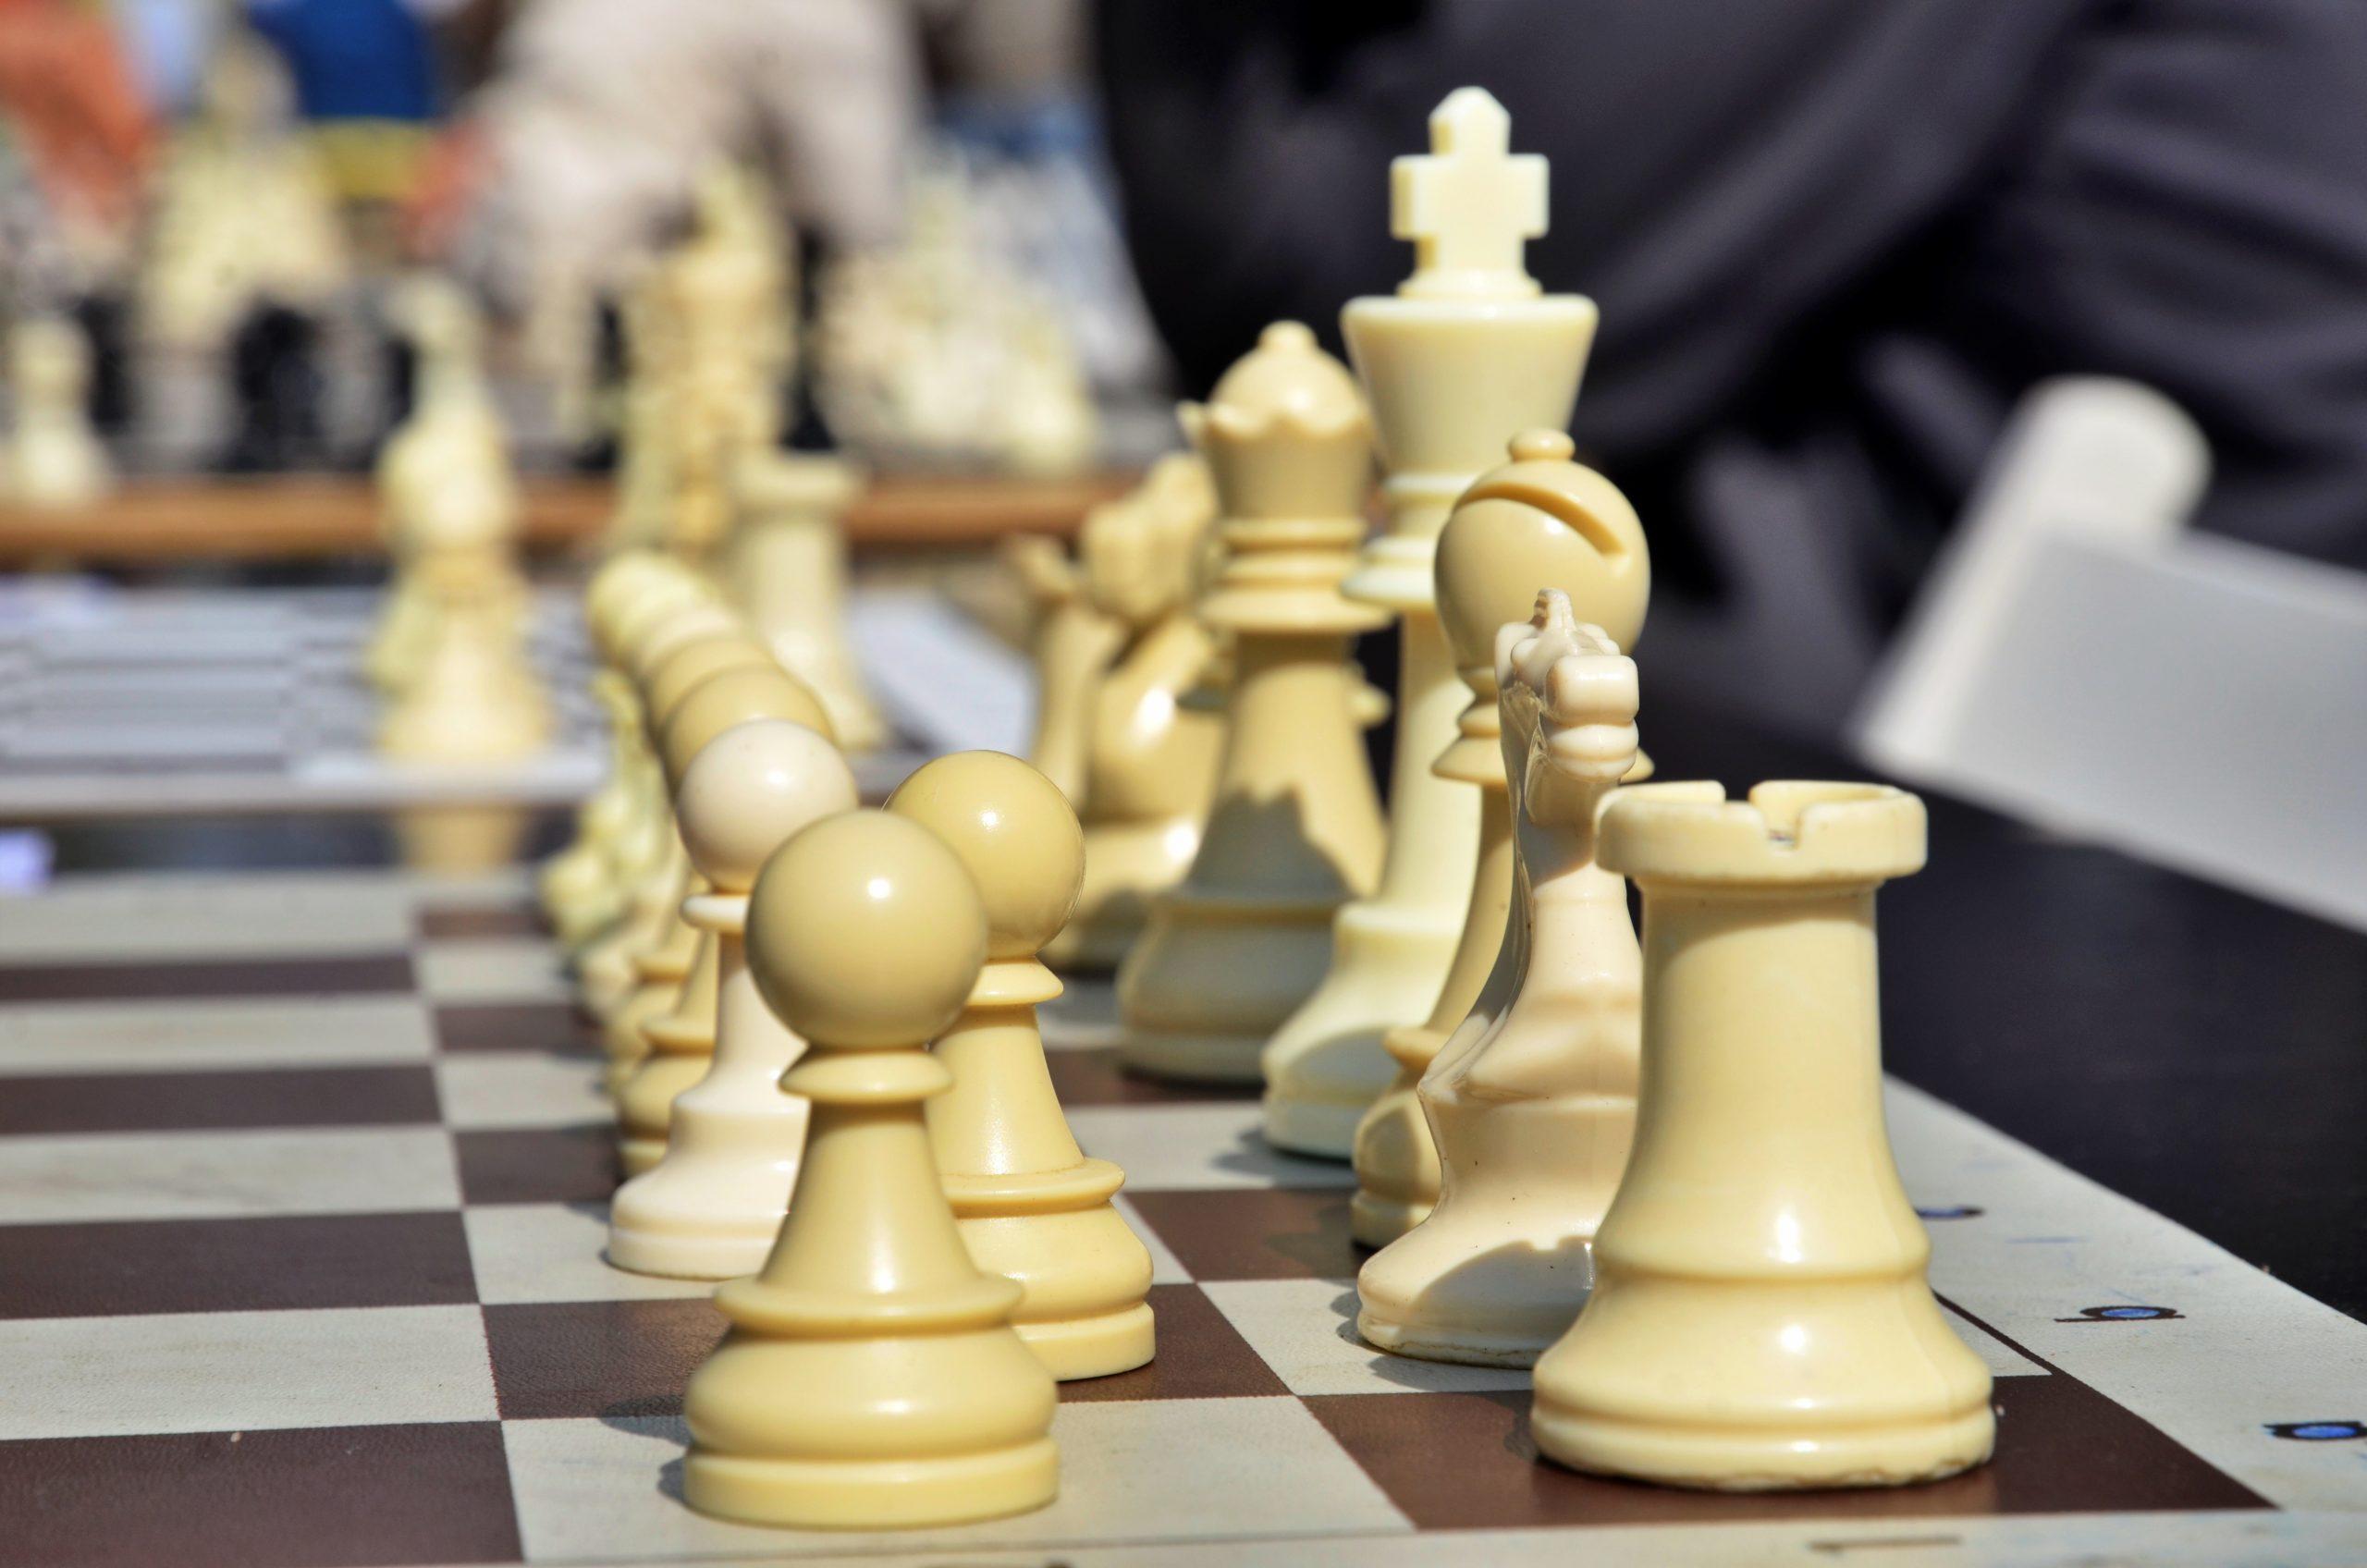 Турнир по шахматам проведут в Центре культуры и спорта «Филимонковское»